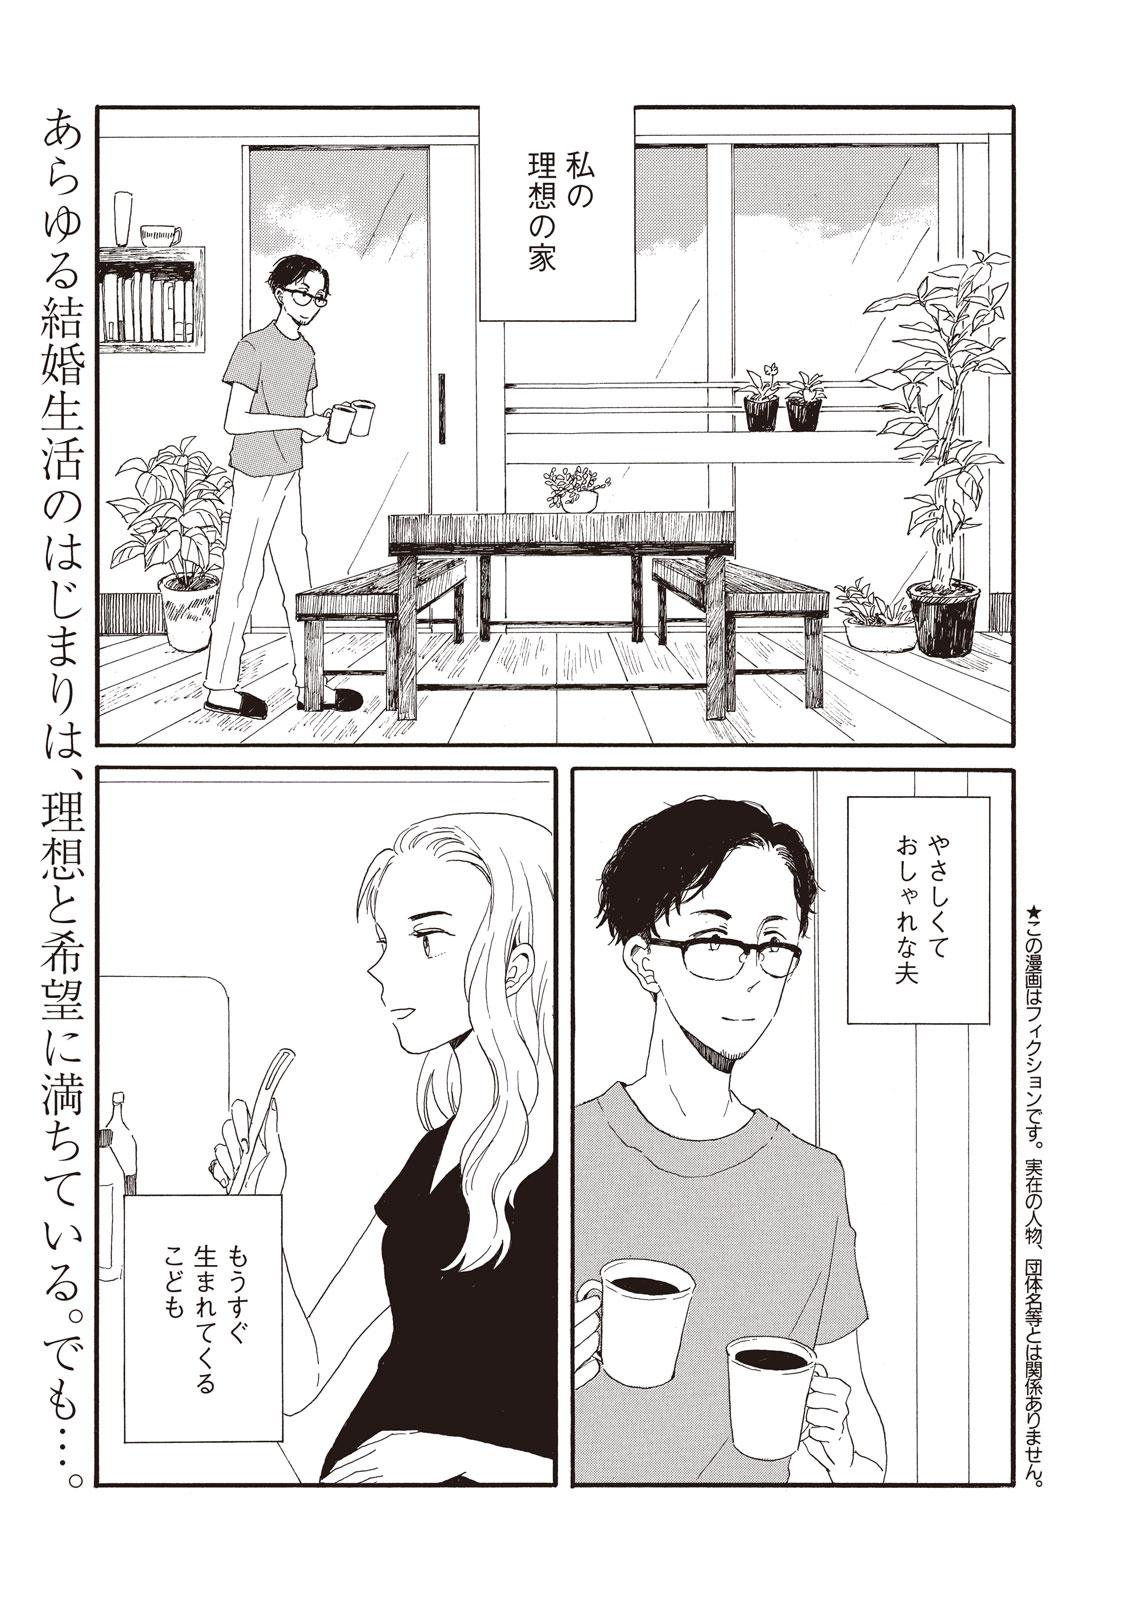 理想の生活『腹が減っては夫婦はできぬ 第1話』